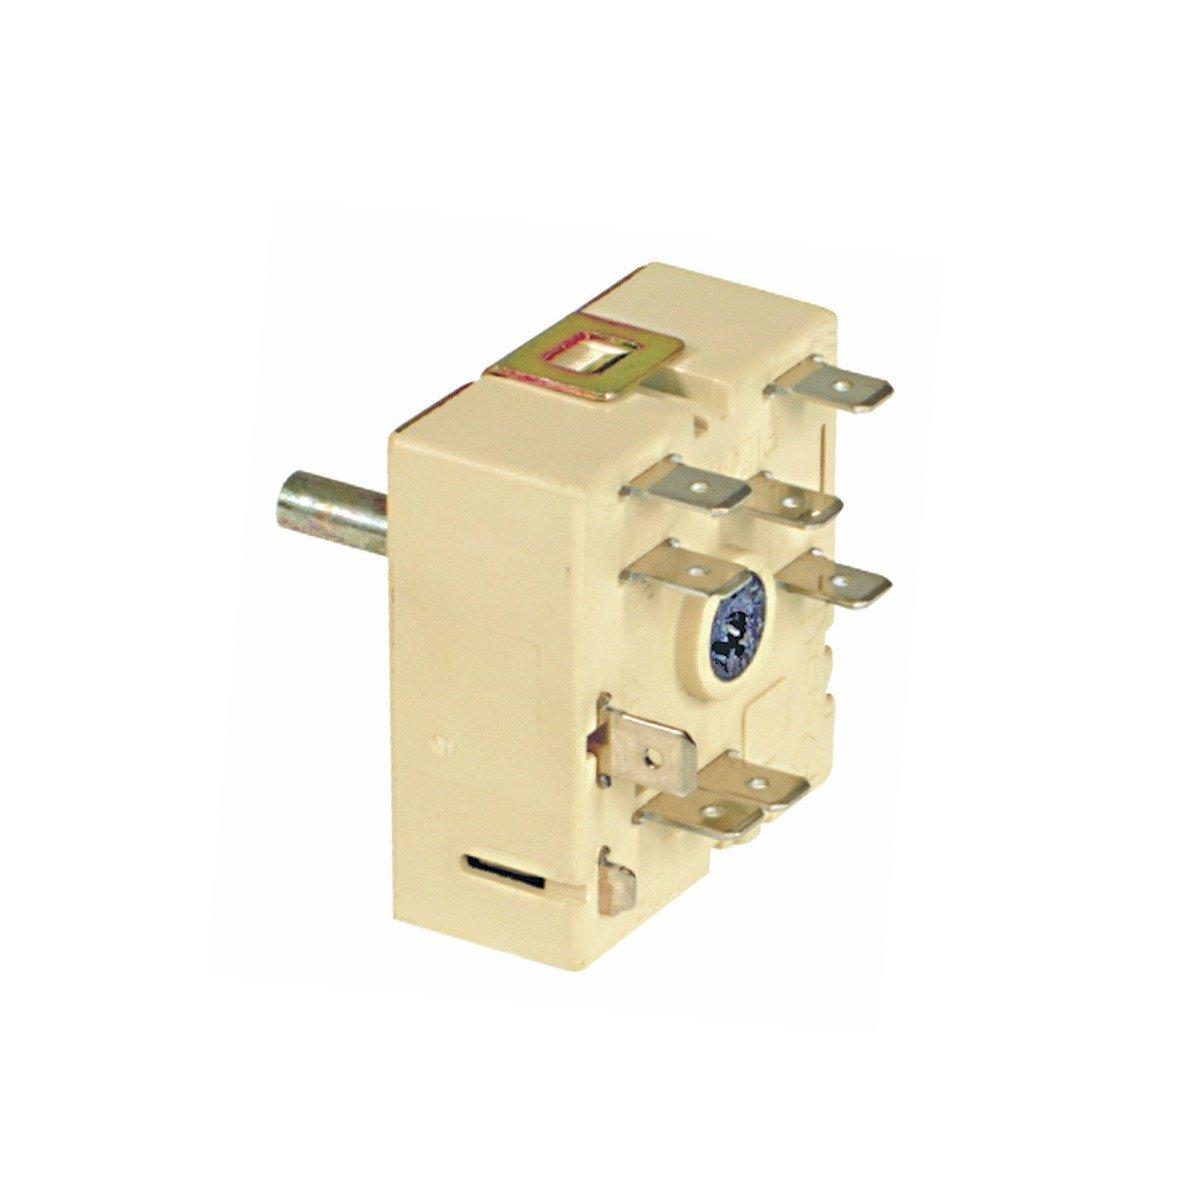 Decke 2 St/ück//H x T = 140 x 80 mm//wei/ßaluminium, Element System 18133-00113 Wandhaken